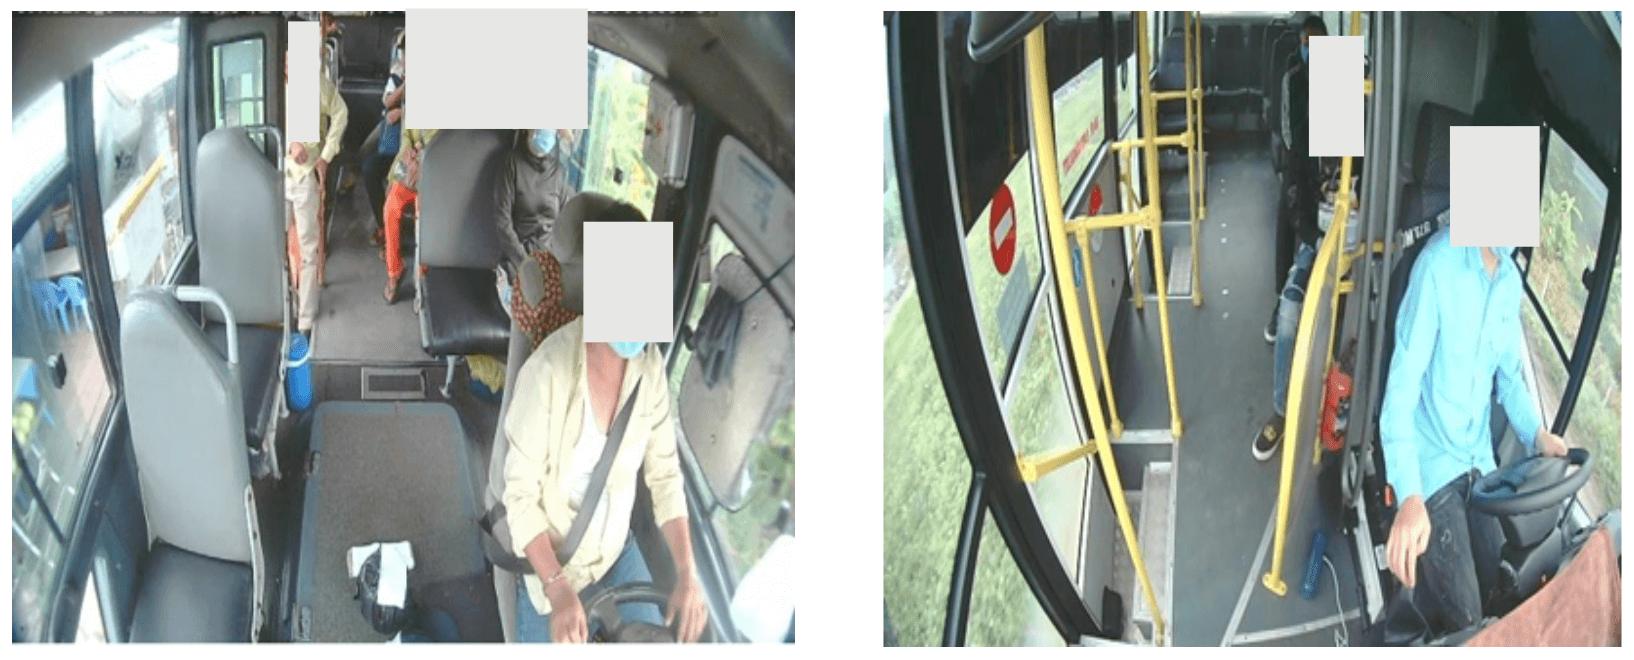 vị trí lắp đặt camera quan sát cửa lên xuống của xe, camera nghị định 10 BGT